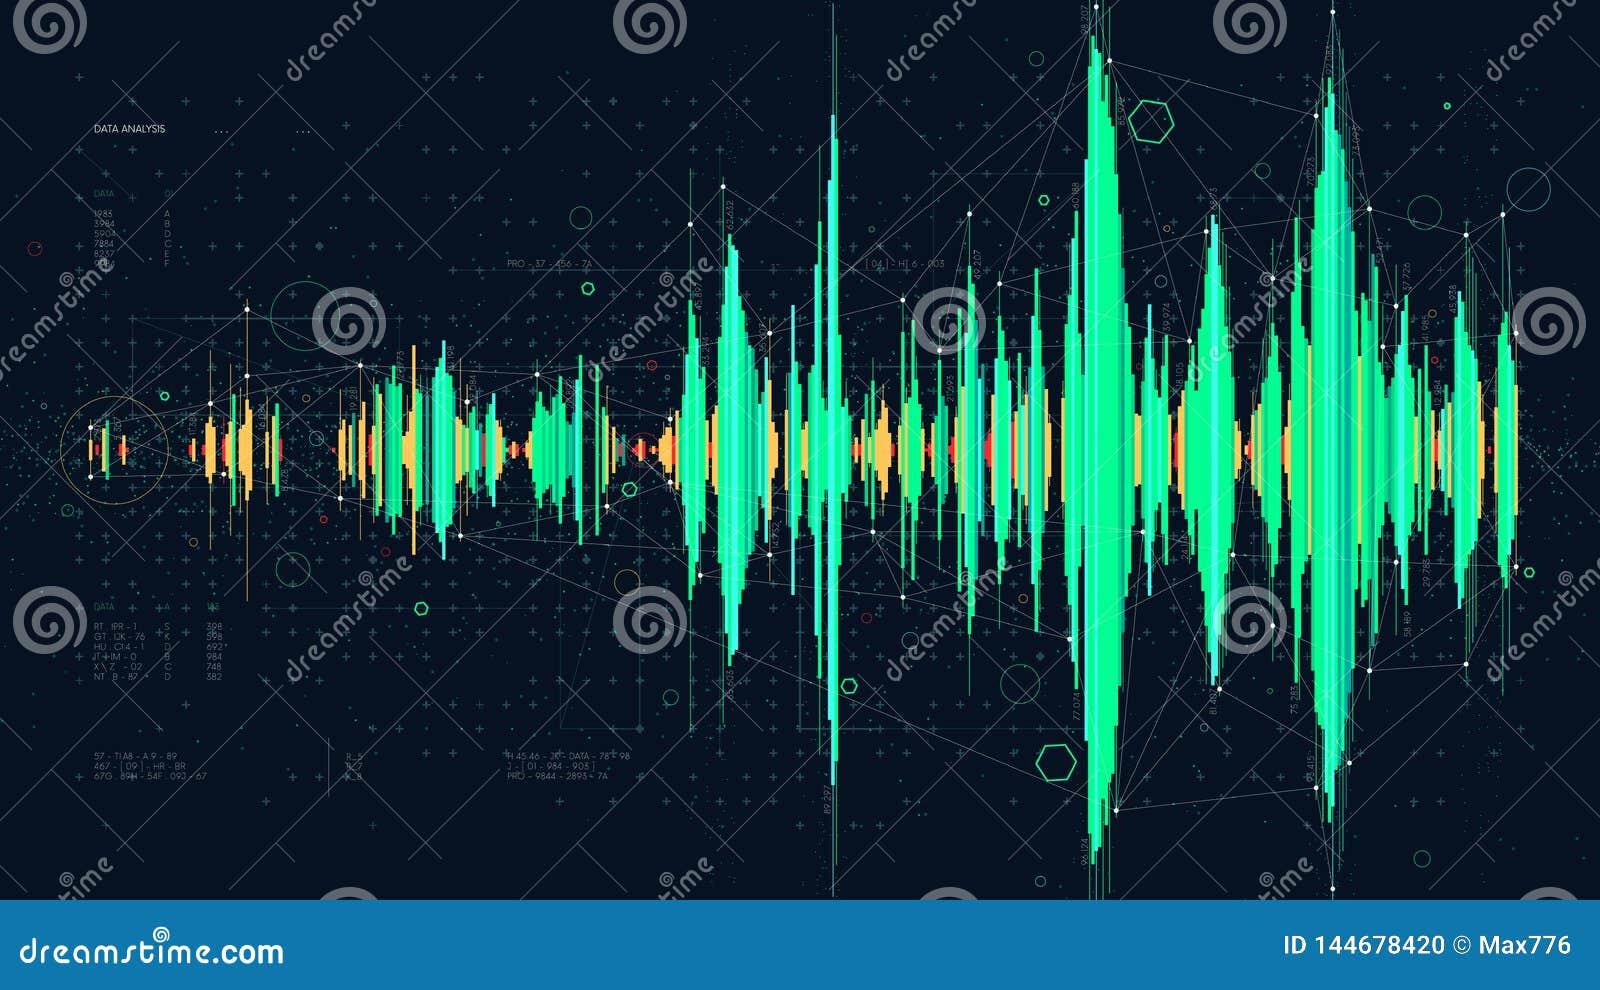 Concept de pointe de diagramme de vague de fréquence de technologie numérique, hud futuriste visualisant des données complexes